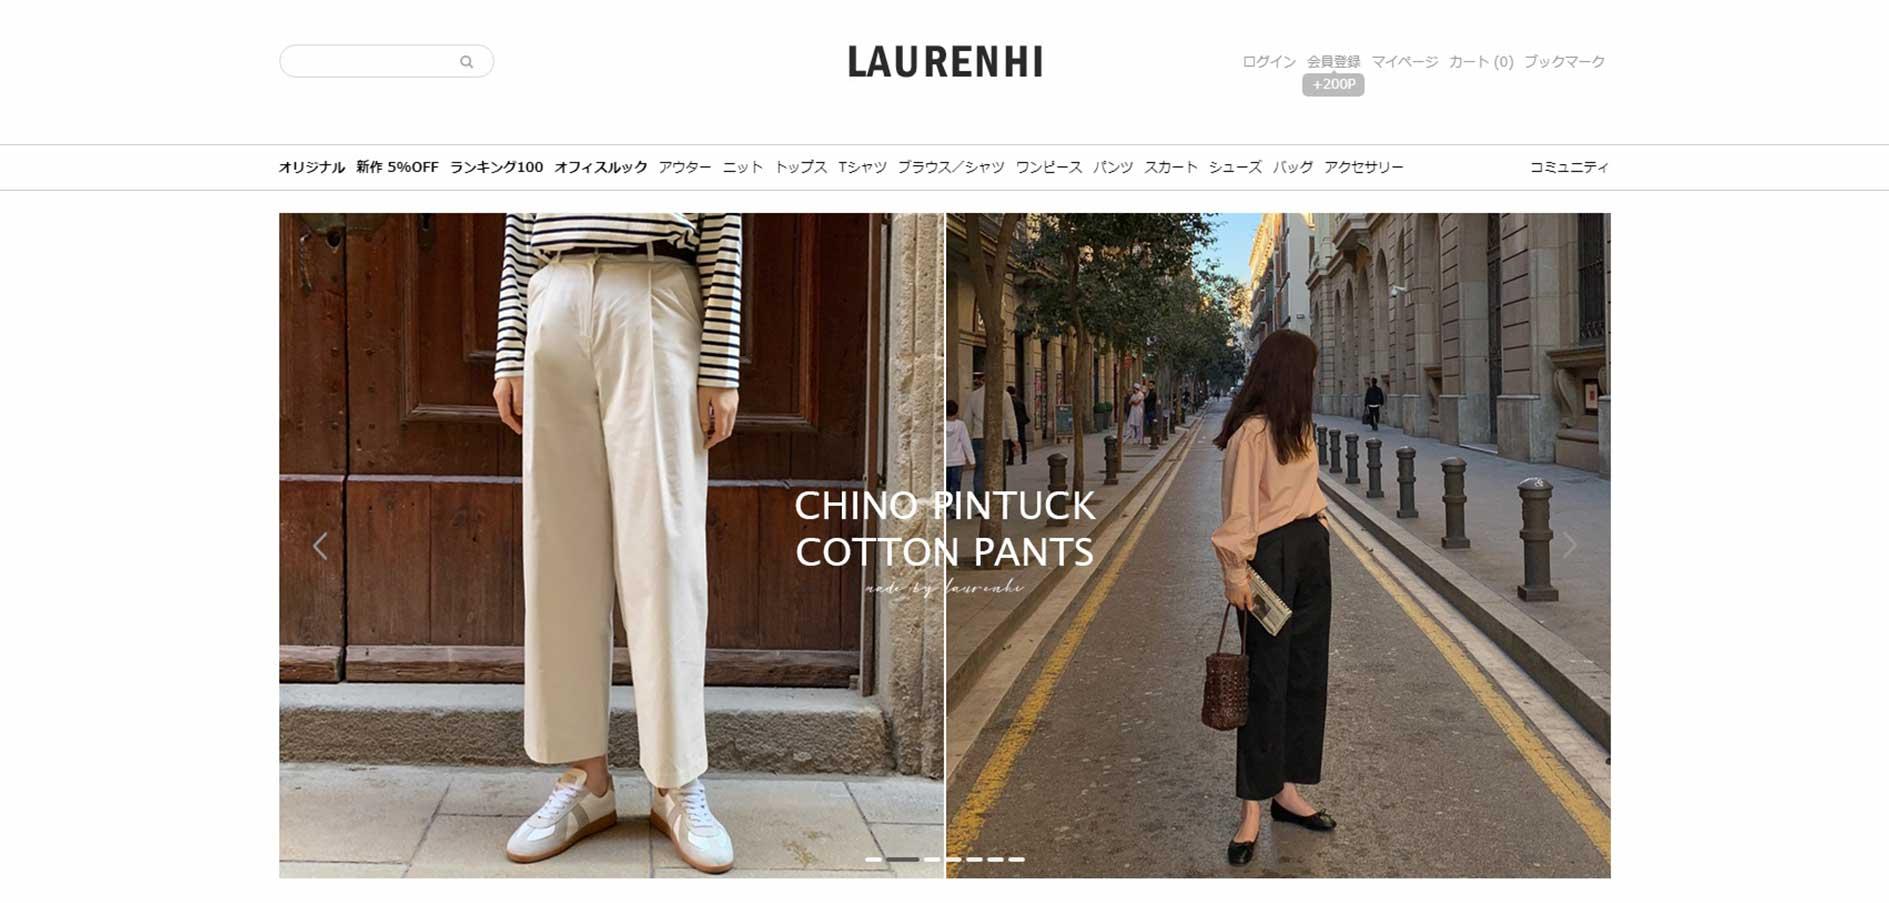 10代におすすめな韓国ファッション通販サイトのLAURENHI(ローレンハイ)